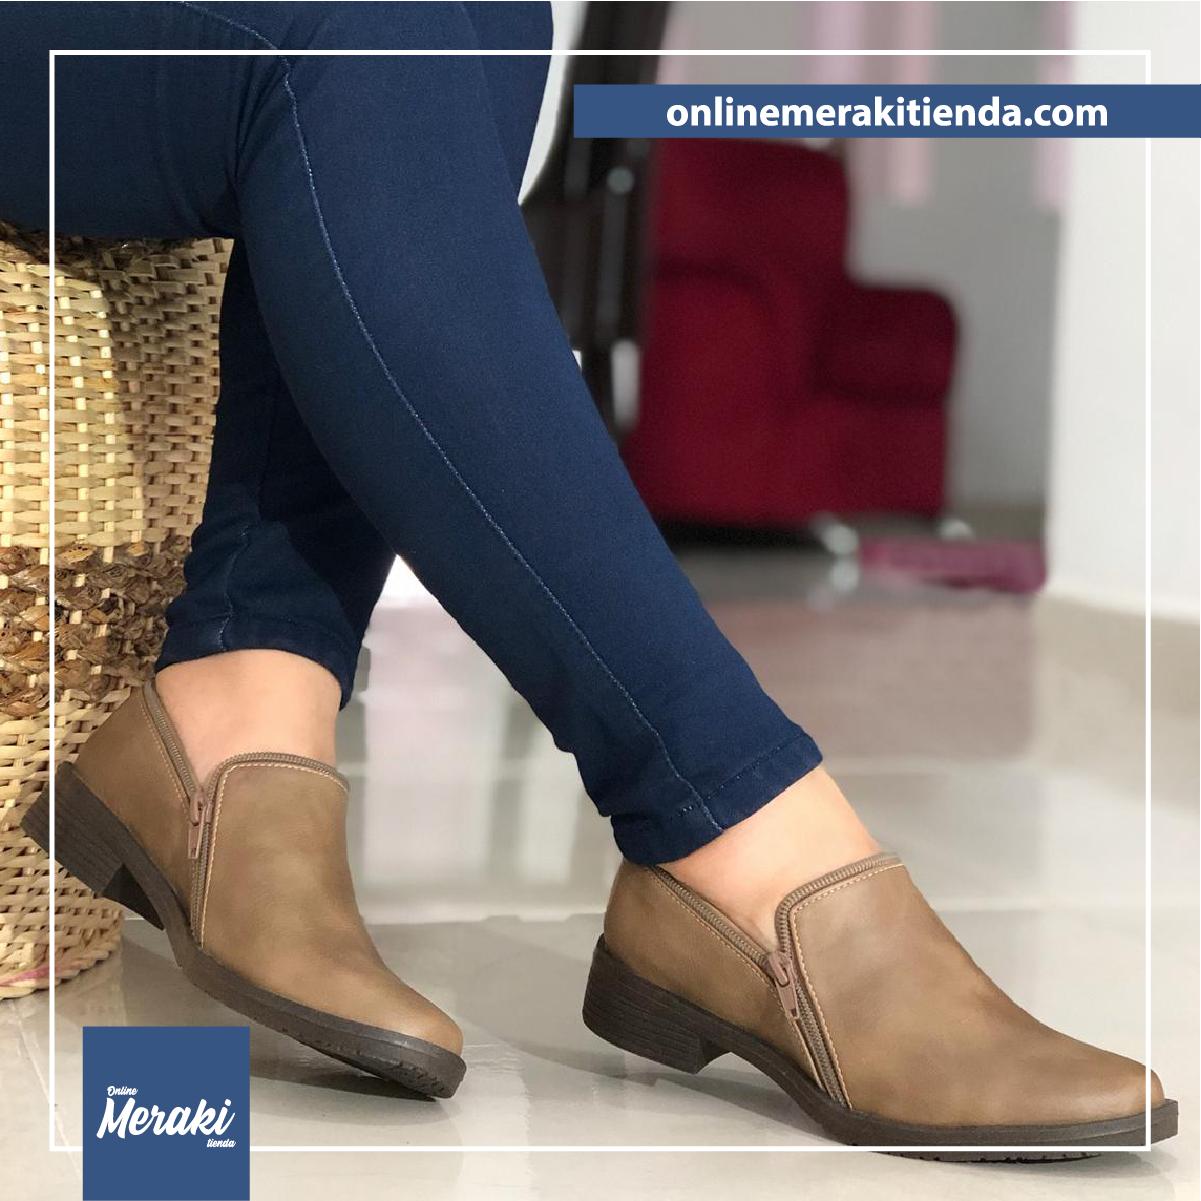 Locura Por Los Zapatos Aprovecha Nuestros Descuentos De Halloween En Nuestra Tienda Online Envíos A Todo El País Zapatos Black Week Meraki